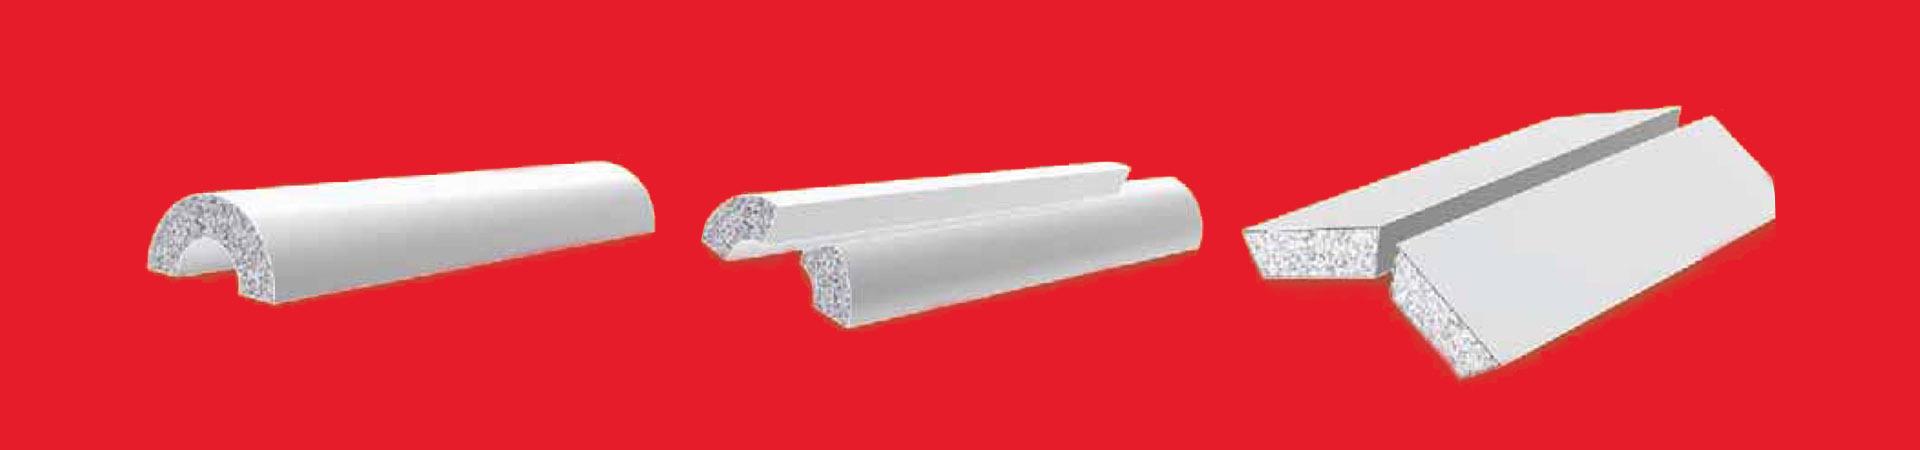 calcium silicate insulation suppliers